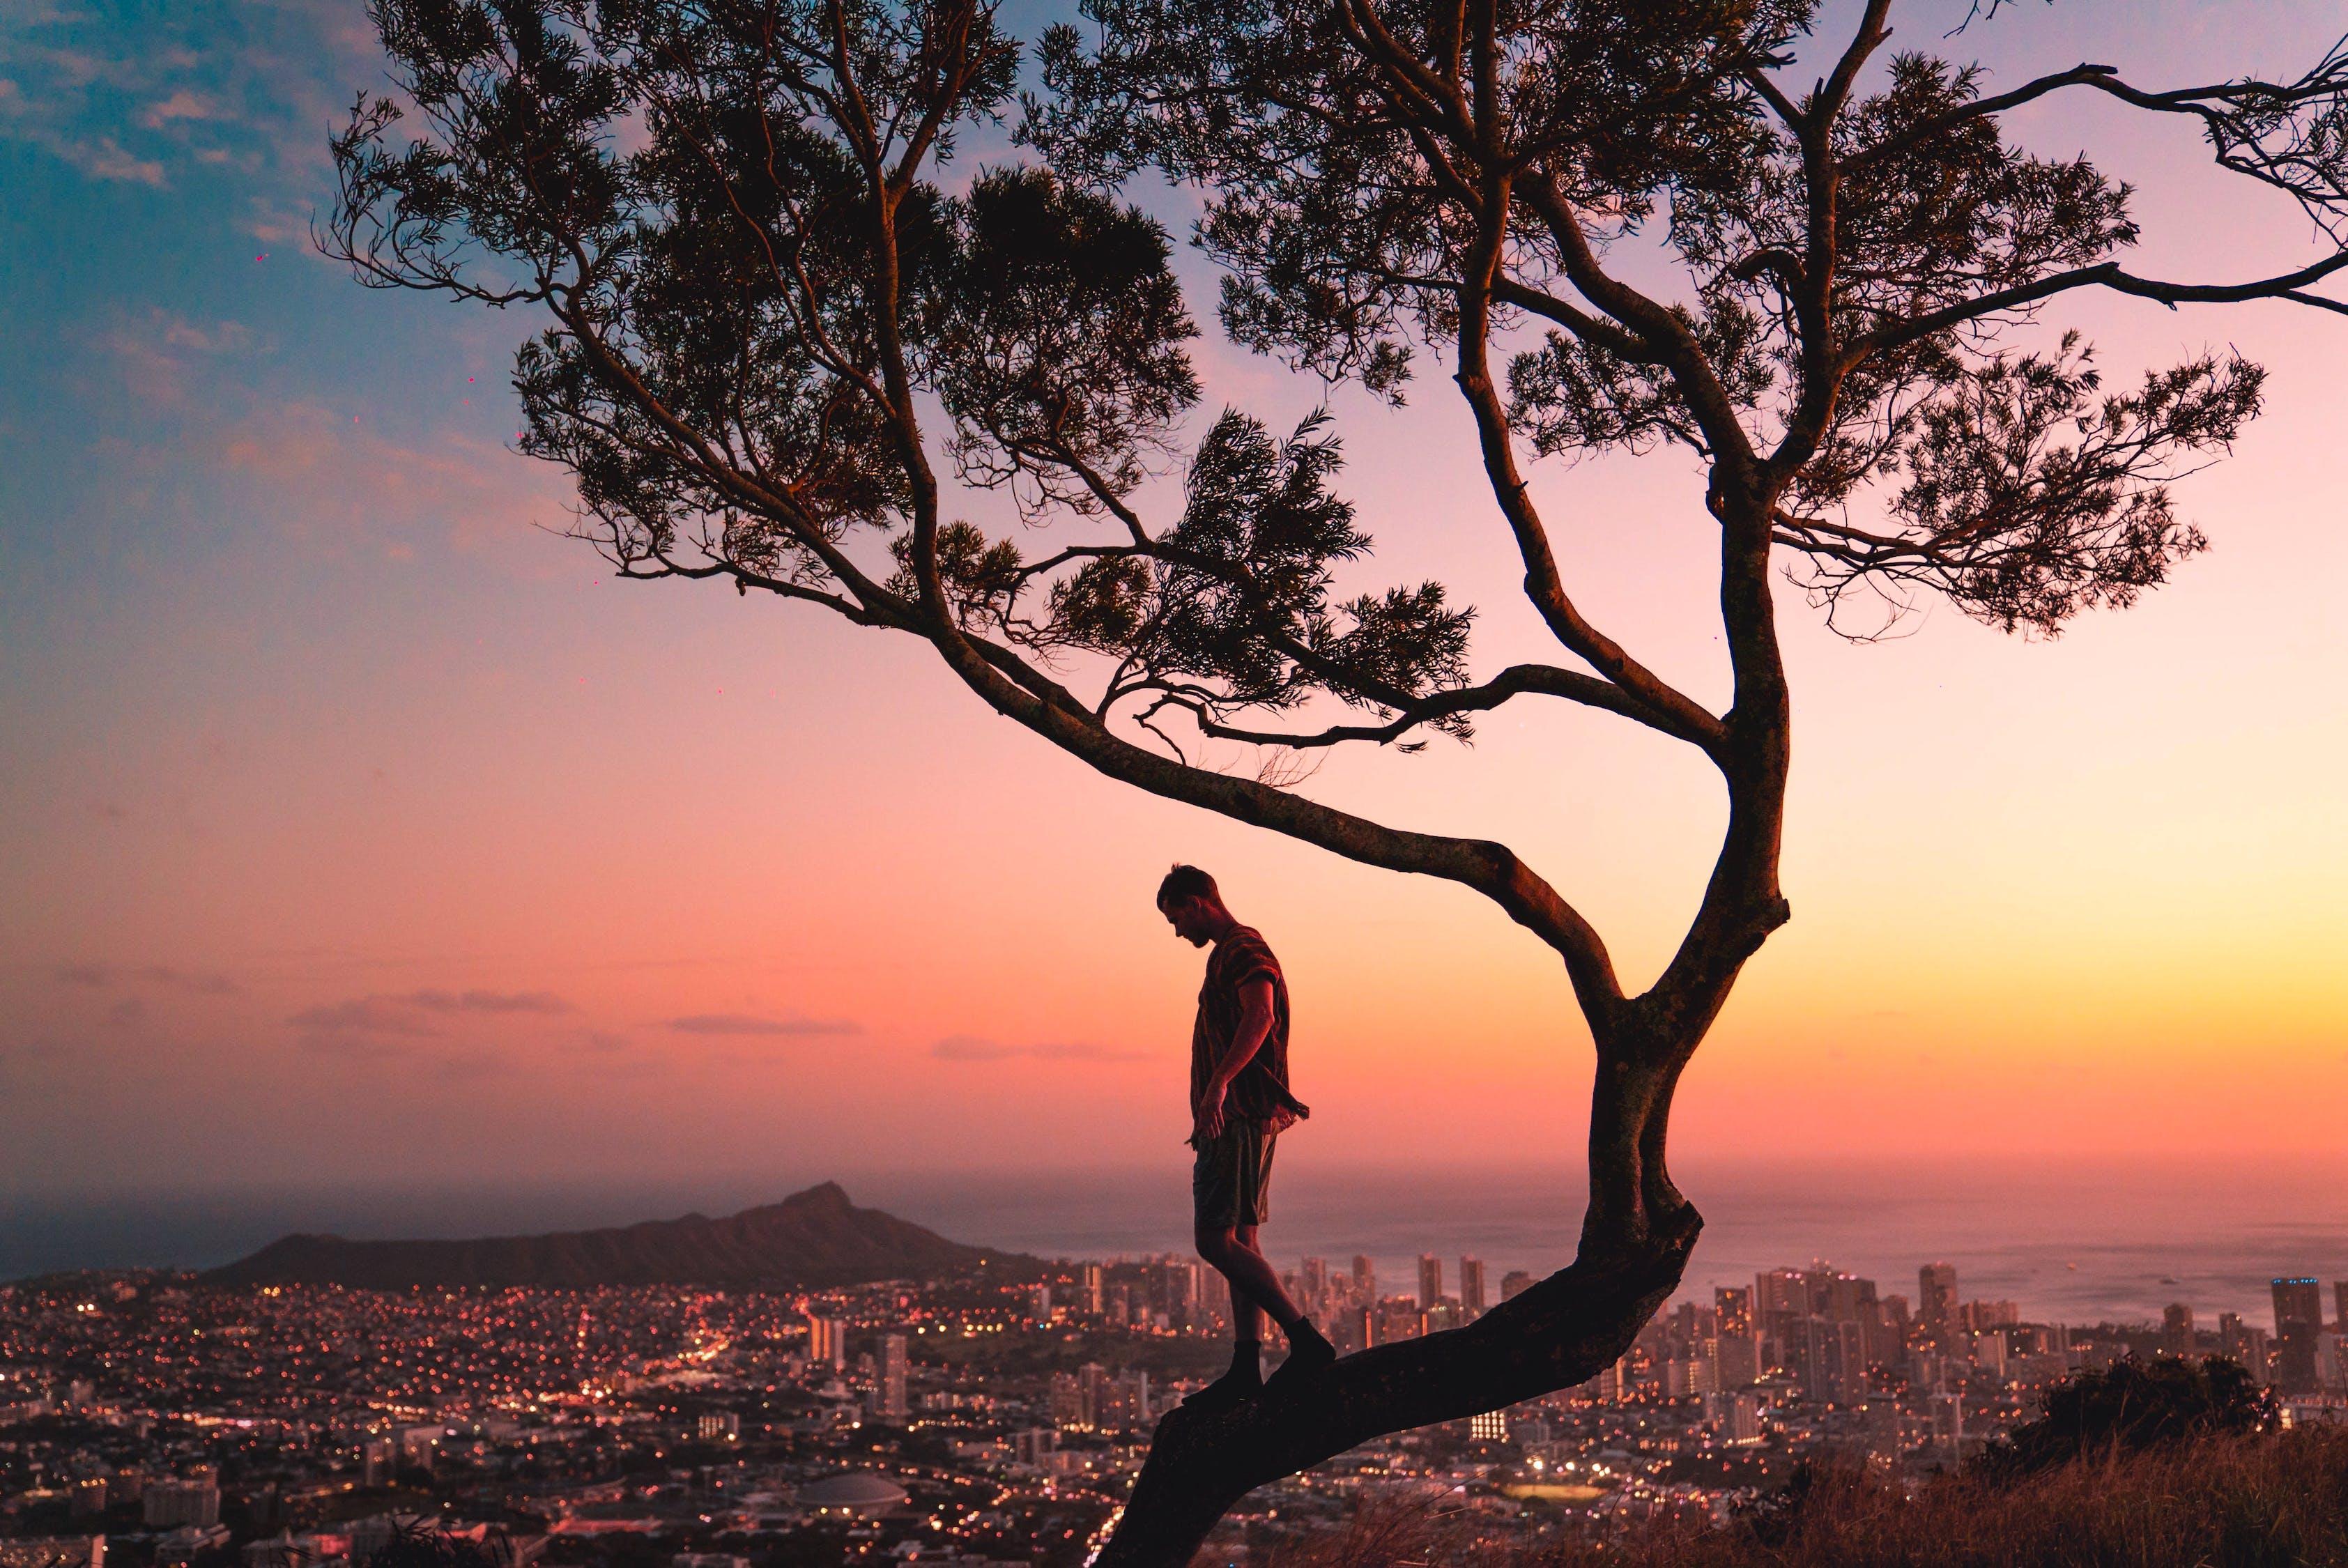 Pria Berdiri Di Cabang Pohon Saat Matahari Terbenam